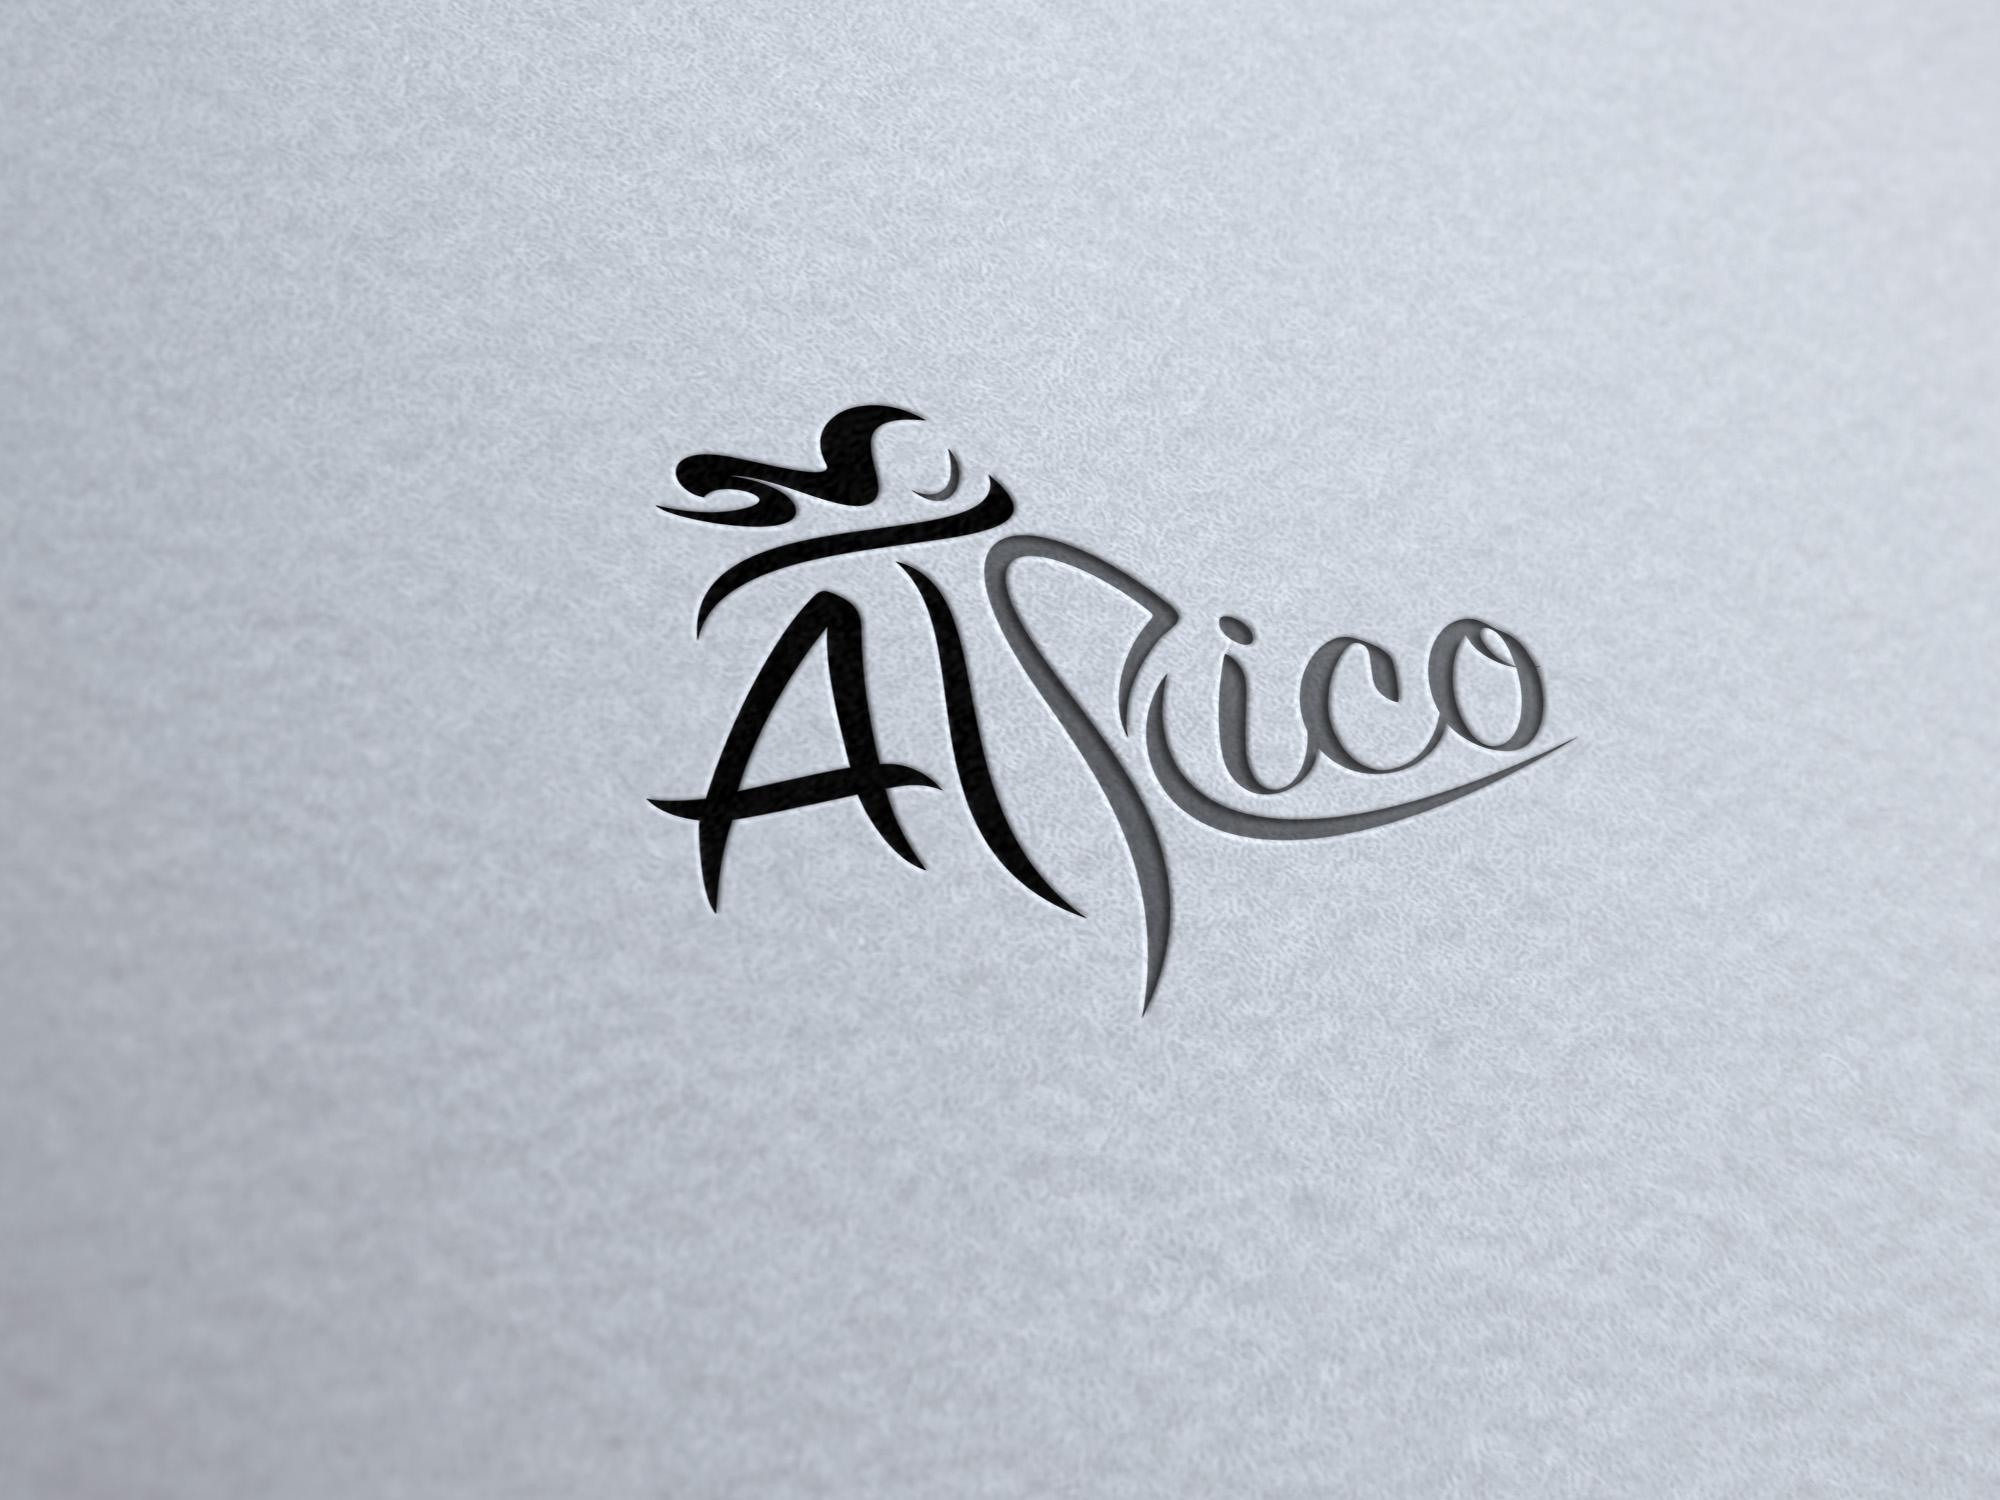 Логотип для брендовой пряжи и трикотажной одежды фото f_67560008f16a58da.jpg